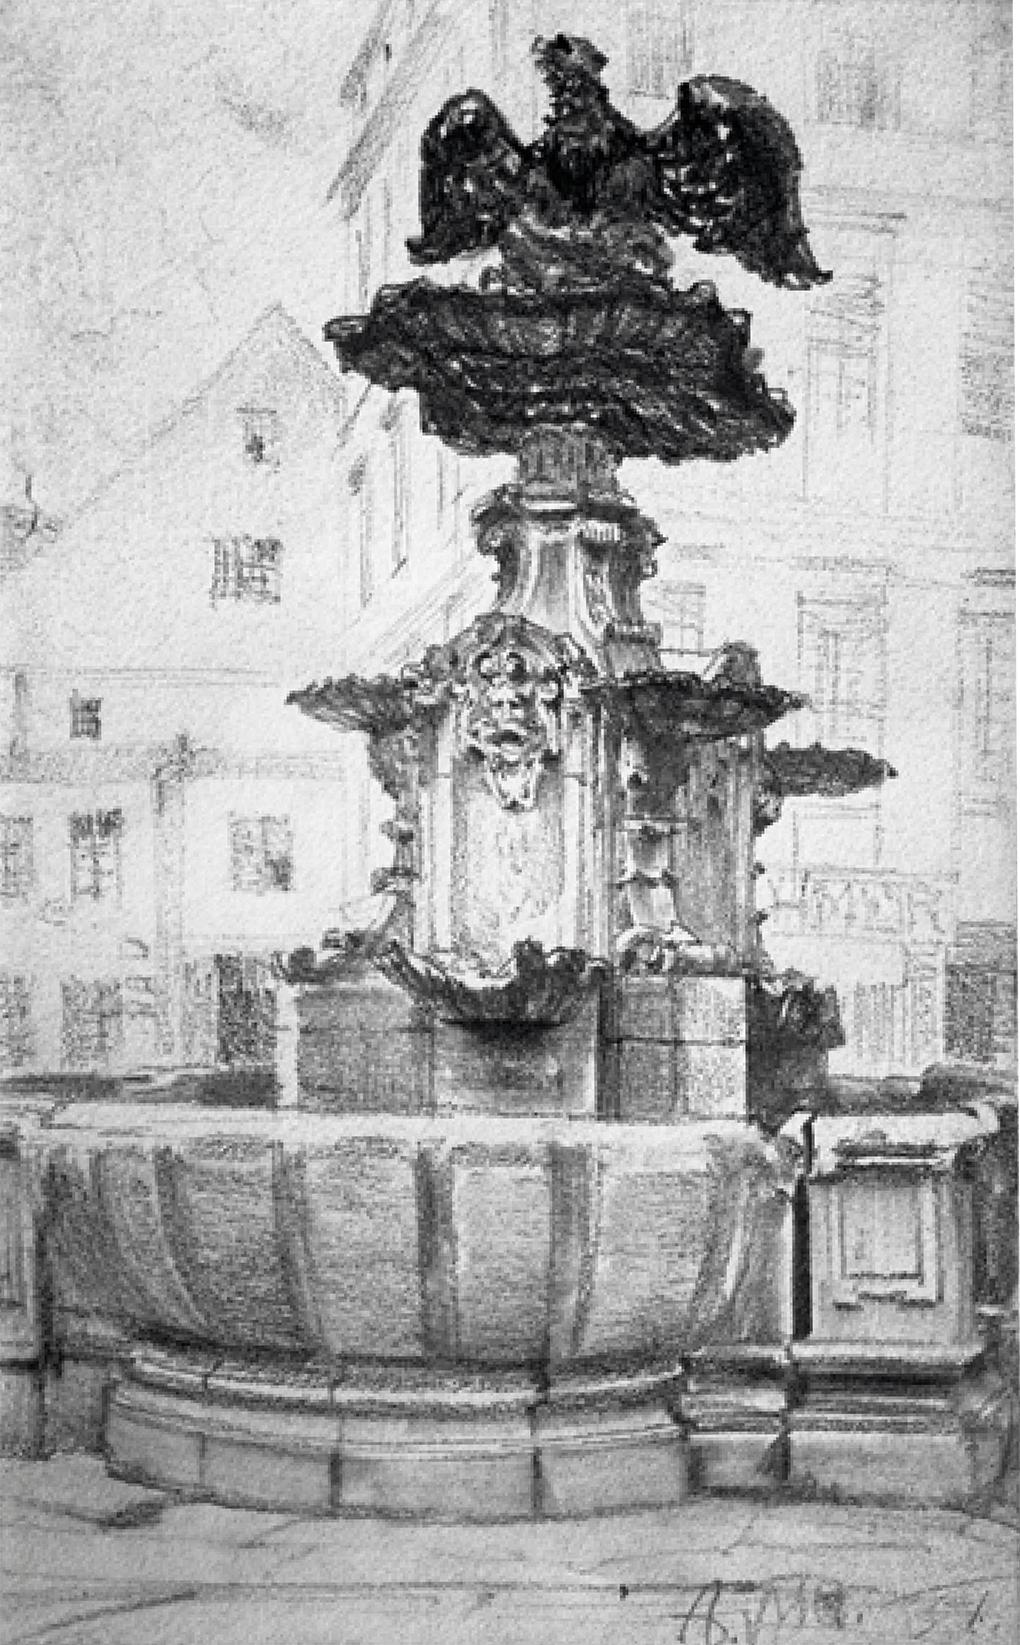 Adolf Menzel (1815 Wrocław / Breslau – 1905 Berlin), Fontanna z 1732 roku na tle zabudowy Rossmarkt (obecnie pl. Orła Białego) / Der alte Brunnen auf dem Rossmarkt (jetzt pl. Orła Białego) von 1732 / Fountain from 1732 against the Background of Rossmarkt (present Pl. Orła Białego), 1851, czarna kredka, papier / schwarze Kreide, Papier / black pencil, paper, 19,5 × 12,5 cm, Muzeum Miejskie w Szczecinie (do 1945) / Museum der Stadt Stettin (bis 1945) / The Municipal Museum in Stettin (until 1945)